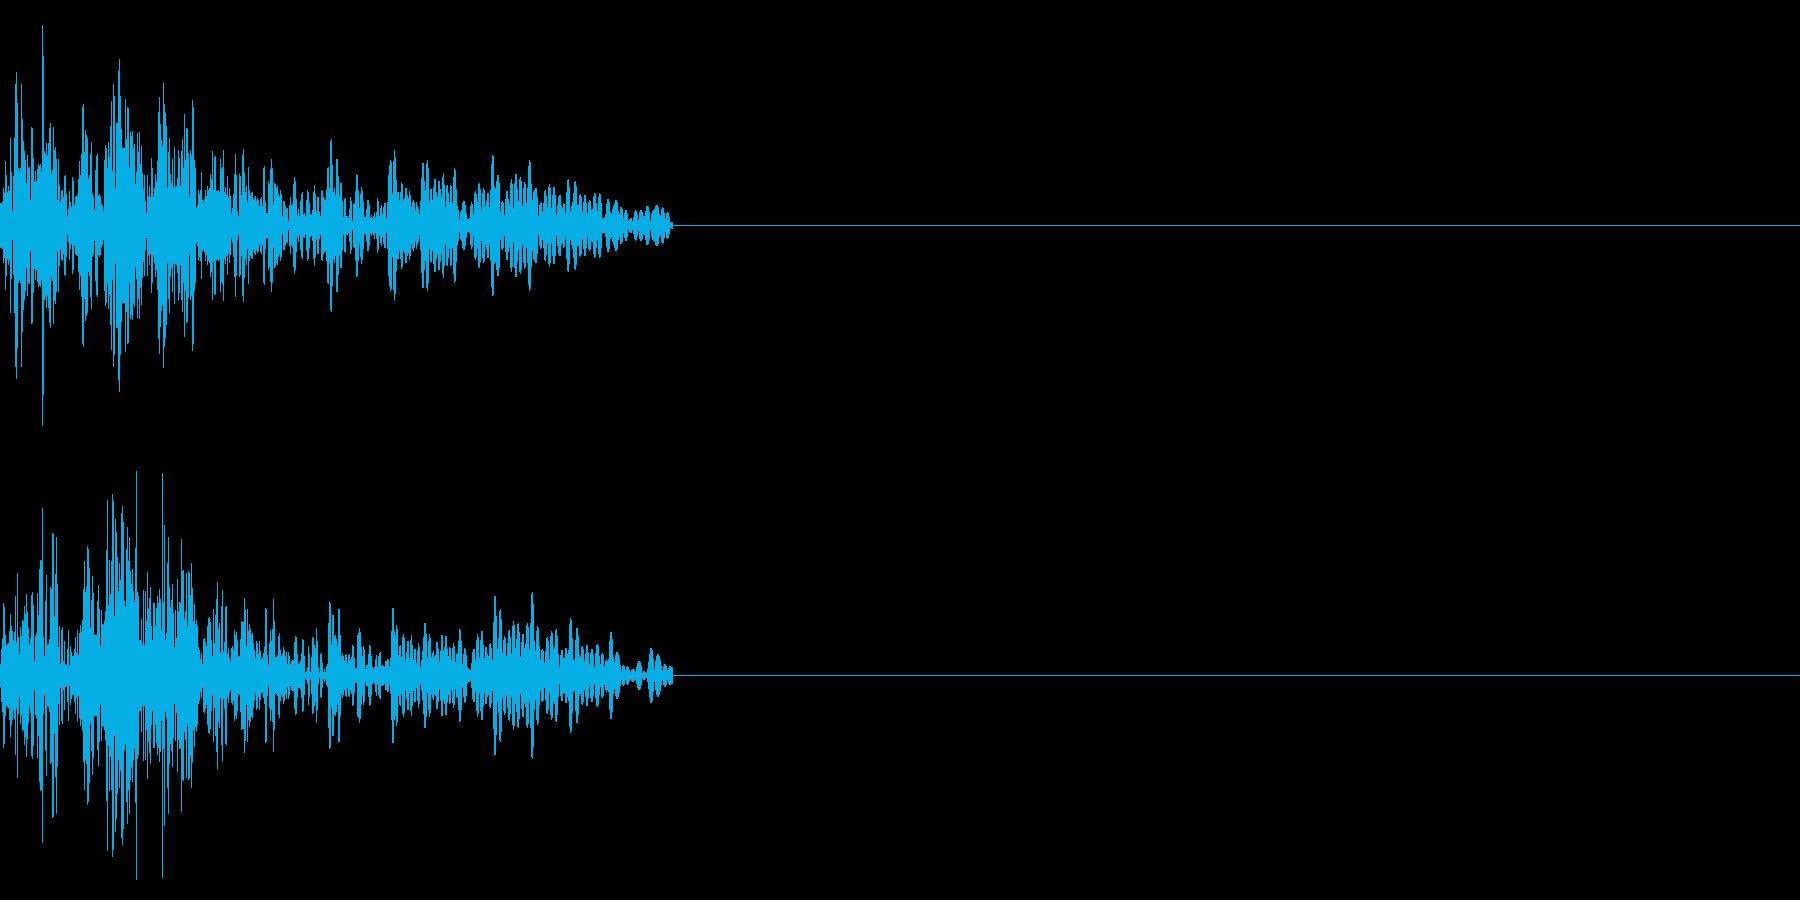 キャンセル音、ダイアログを閉じるなどの再生済みの波形